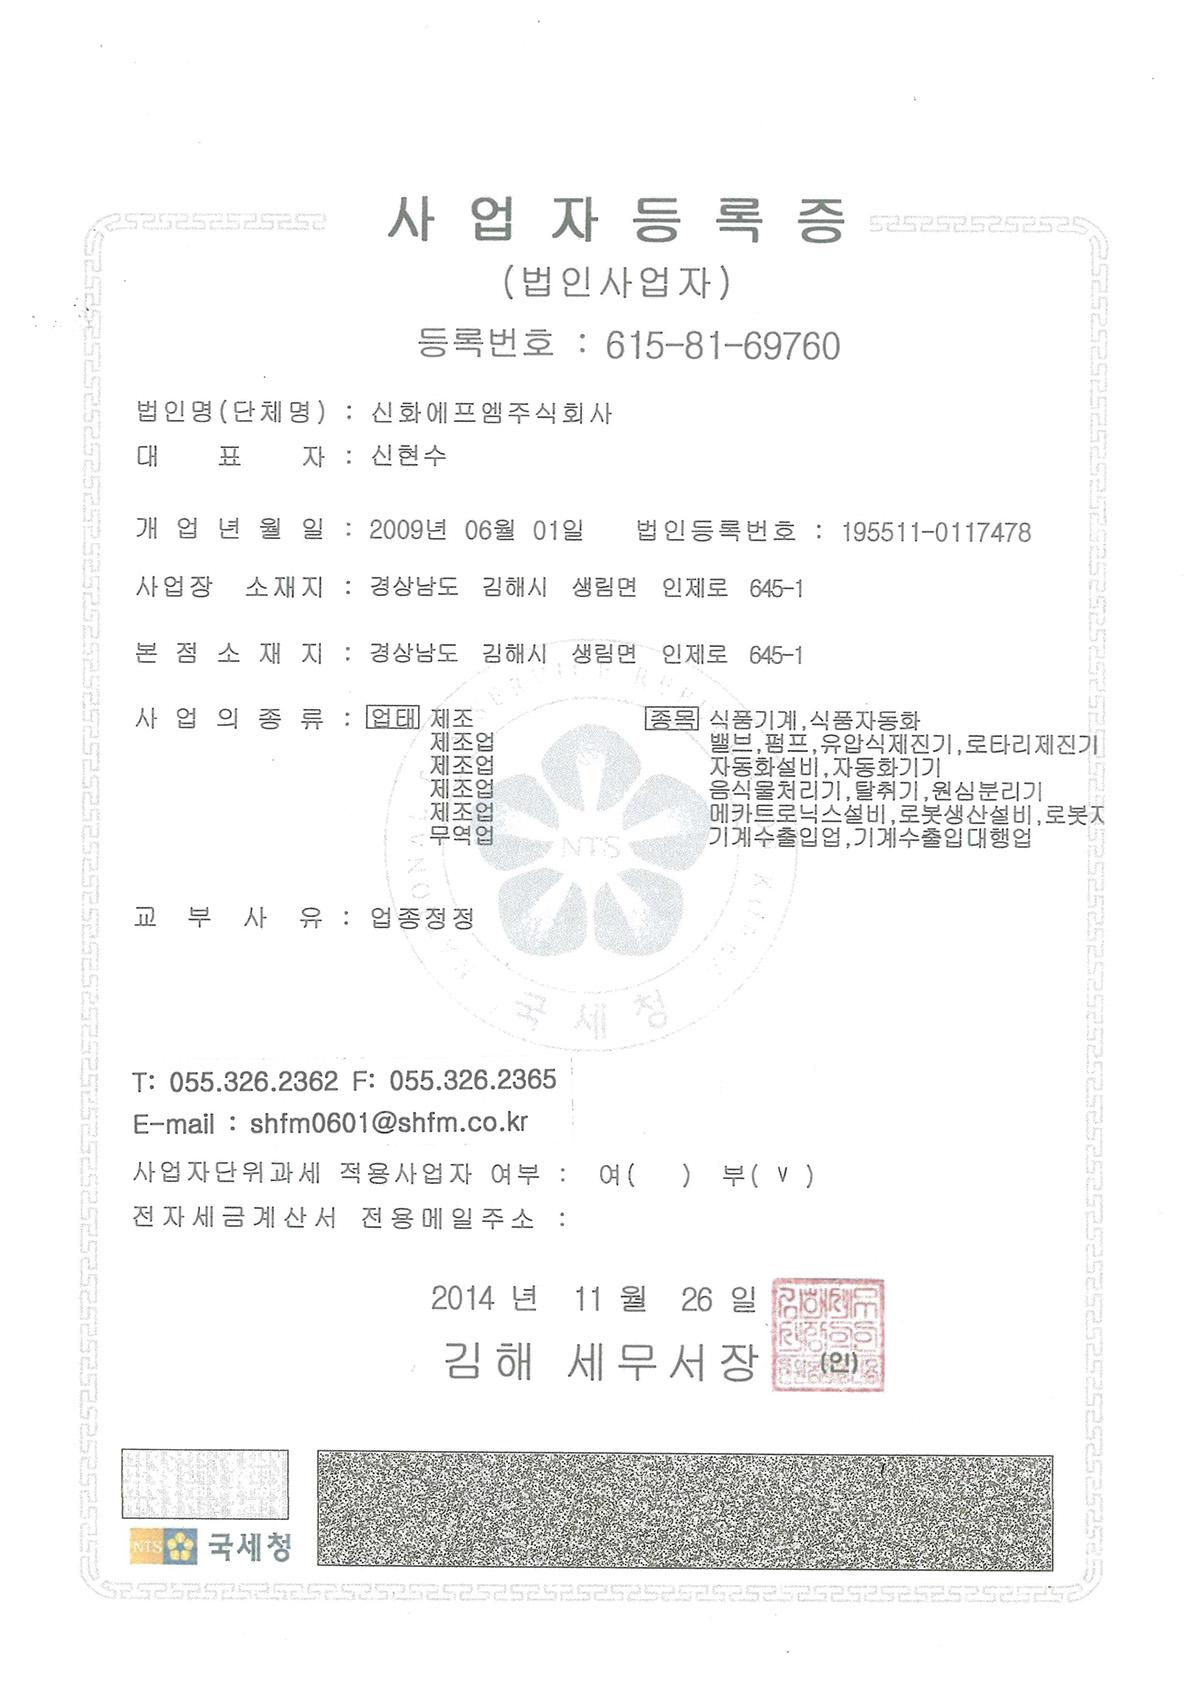 신화에프엠 사업자등록증